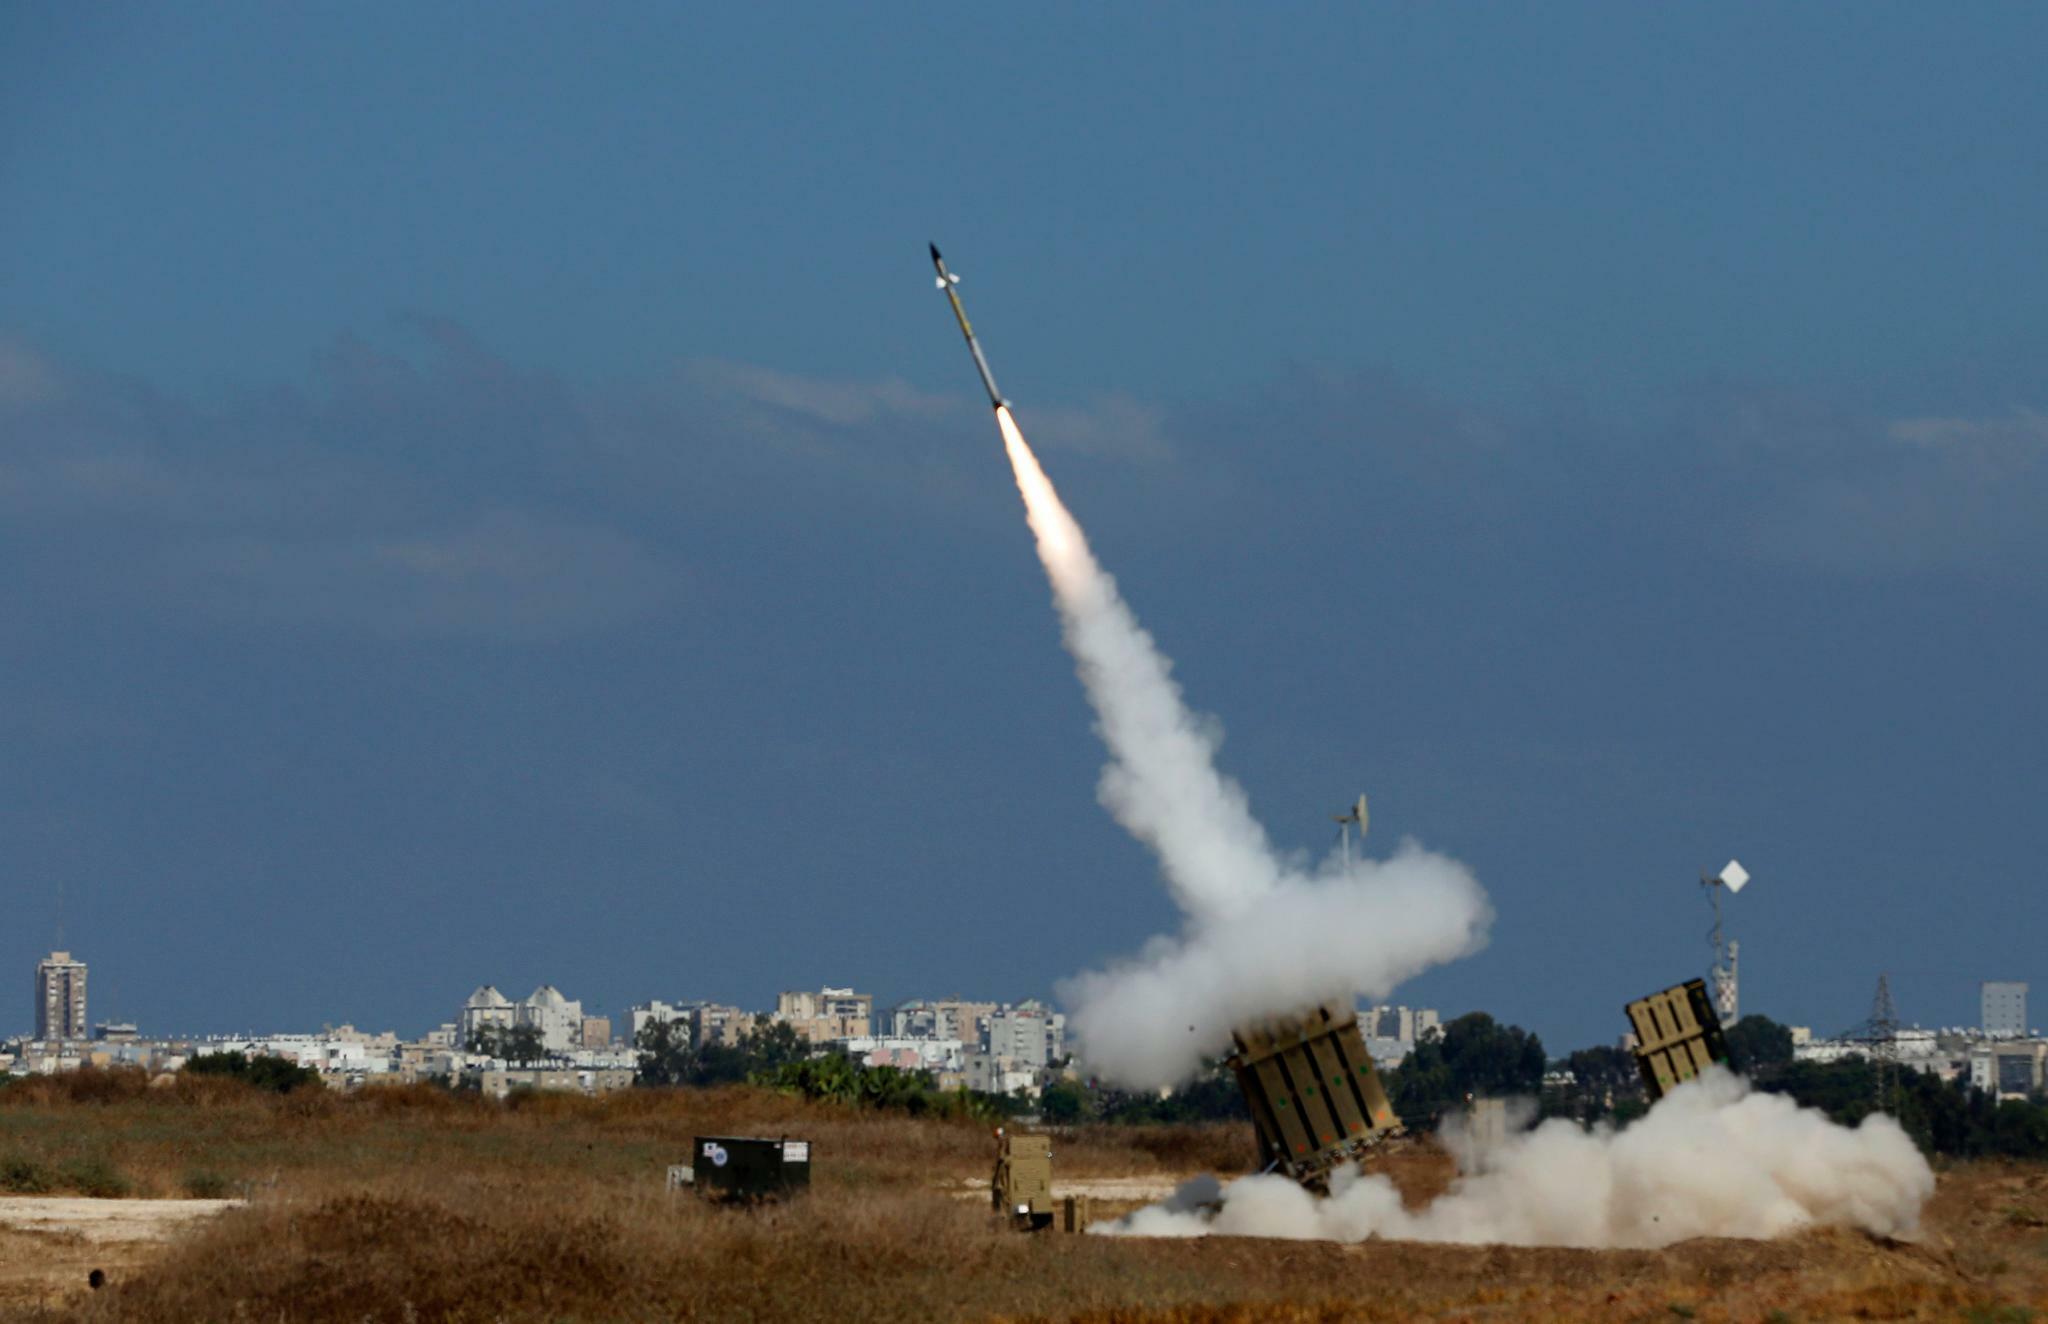 Militante Palästinenser feuern Raketen auf Israel – mehrere Verletzte